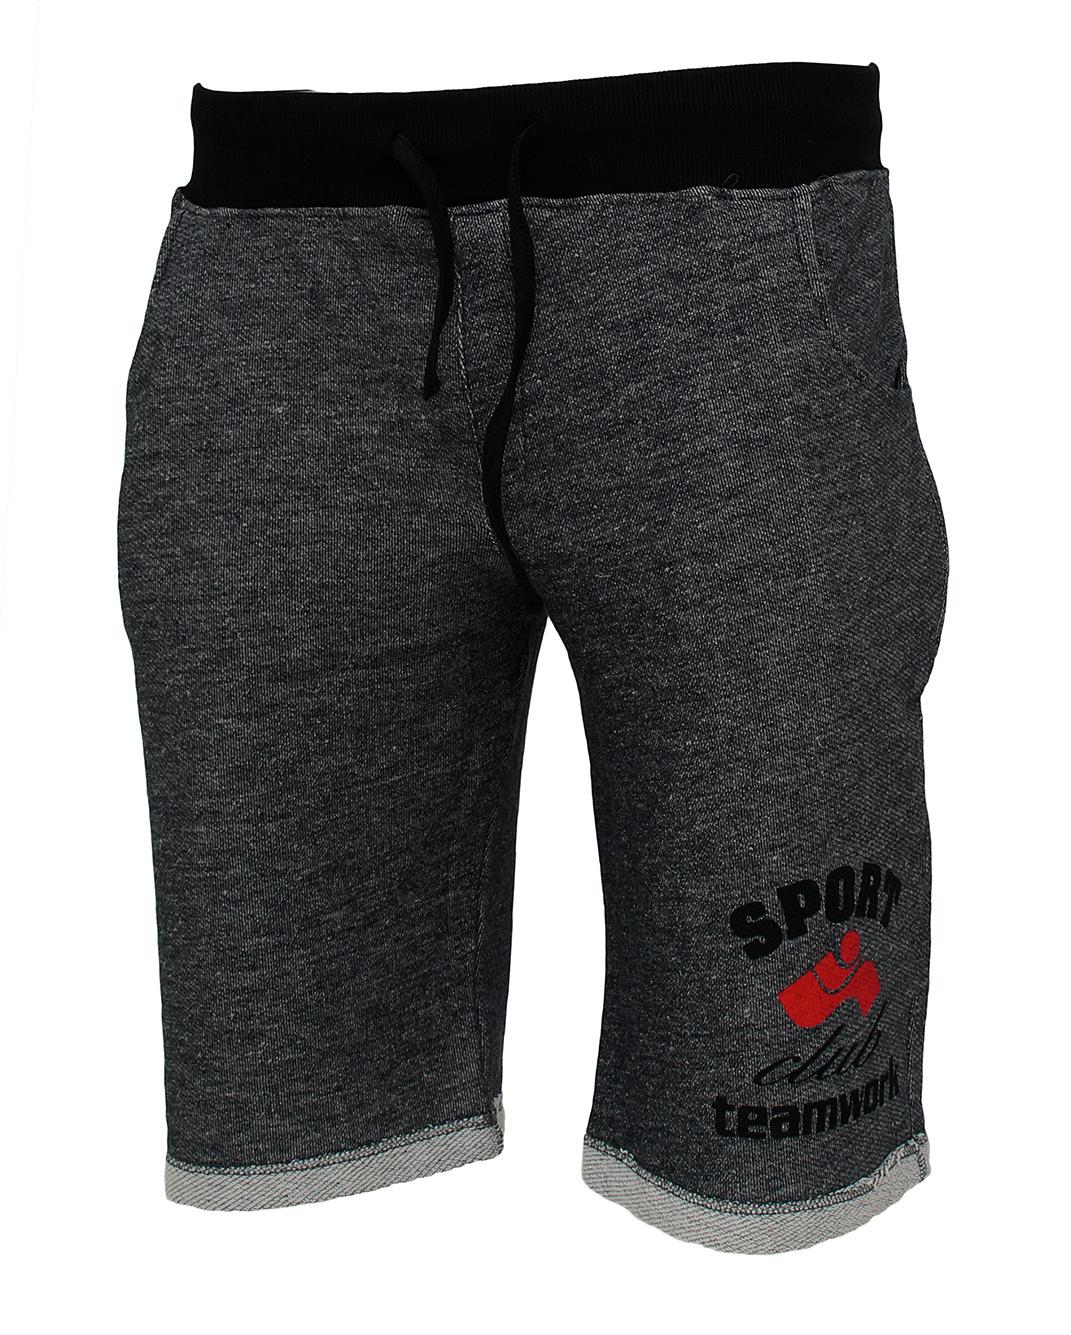 Ανδρική Βερμούδα Teamwork-Γκρι Σκούρο αρχική ανδρικά ρούχα βερμούδες